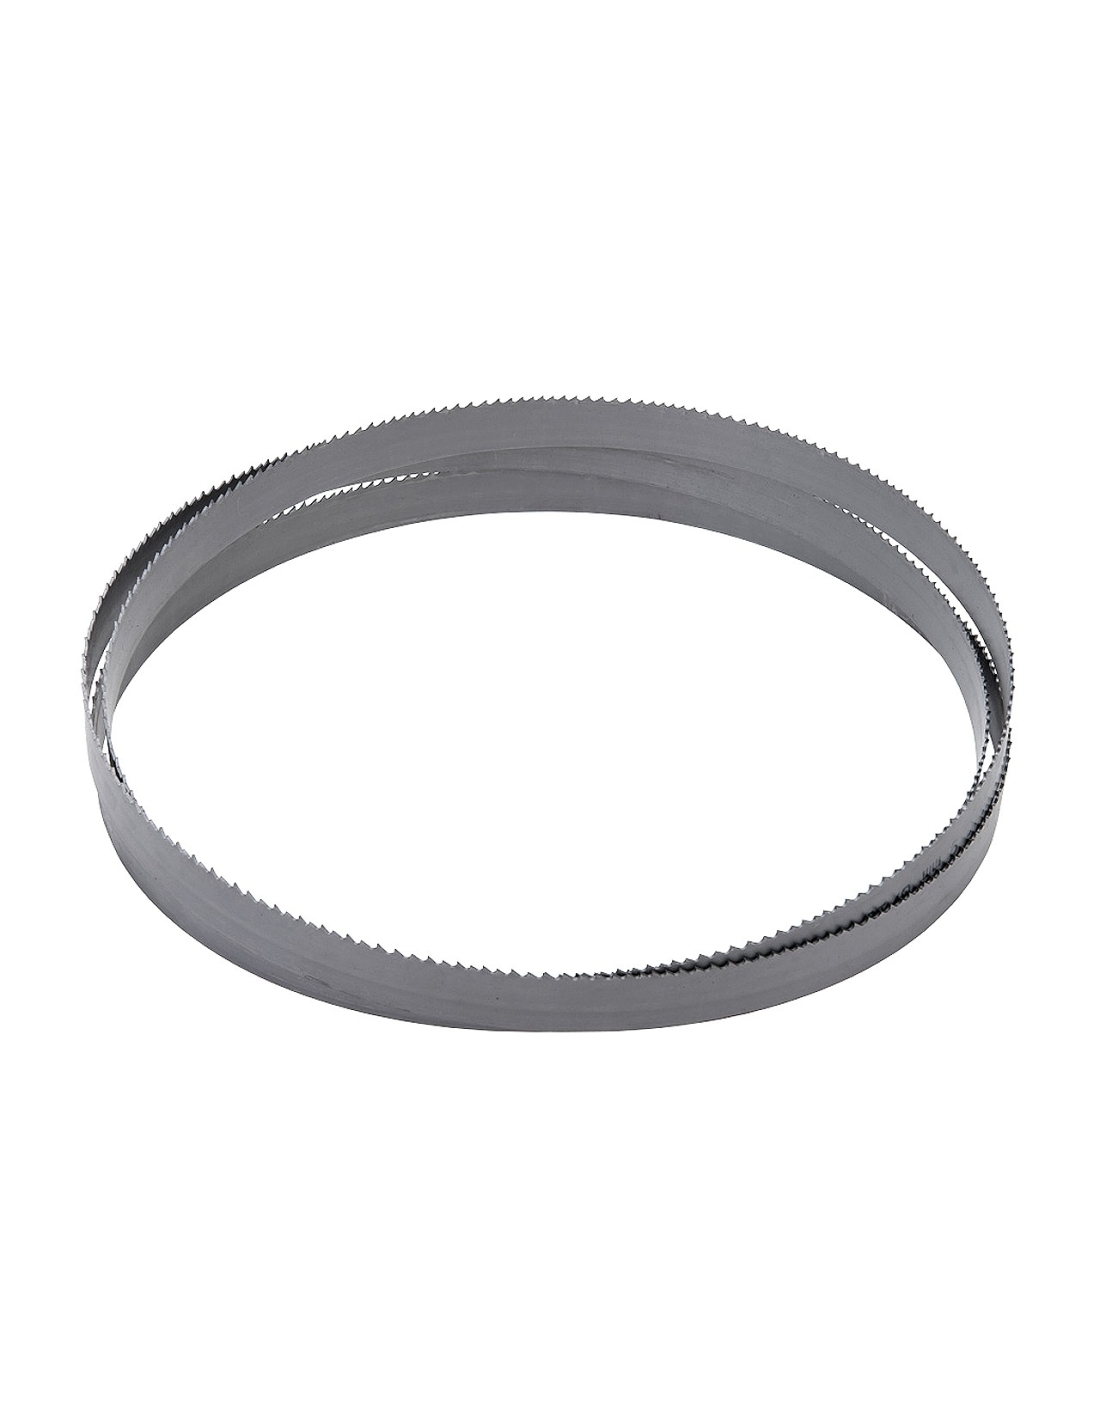 Panza pentru fierastrau cu banda M42 Bi-Metal 1470 x 12,7 x 0,90 mm - 6 TPI